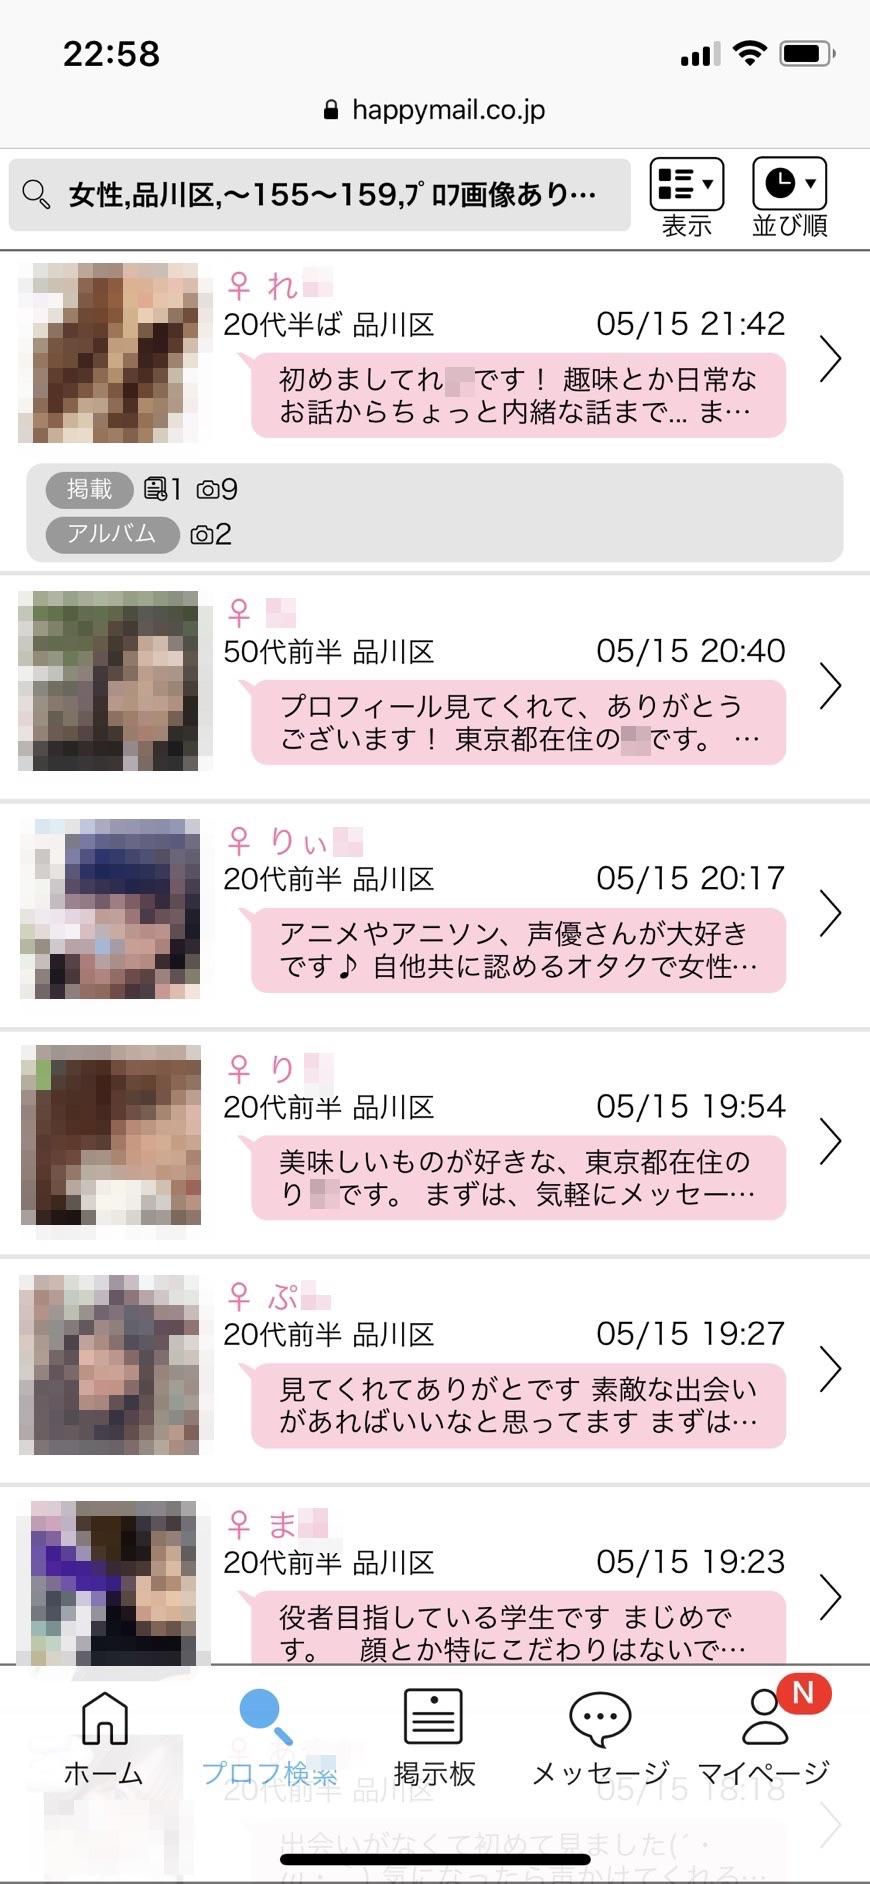 品川・出会い希望(ハッピーメール)